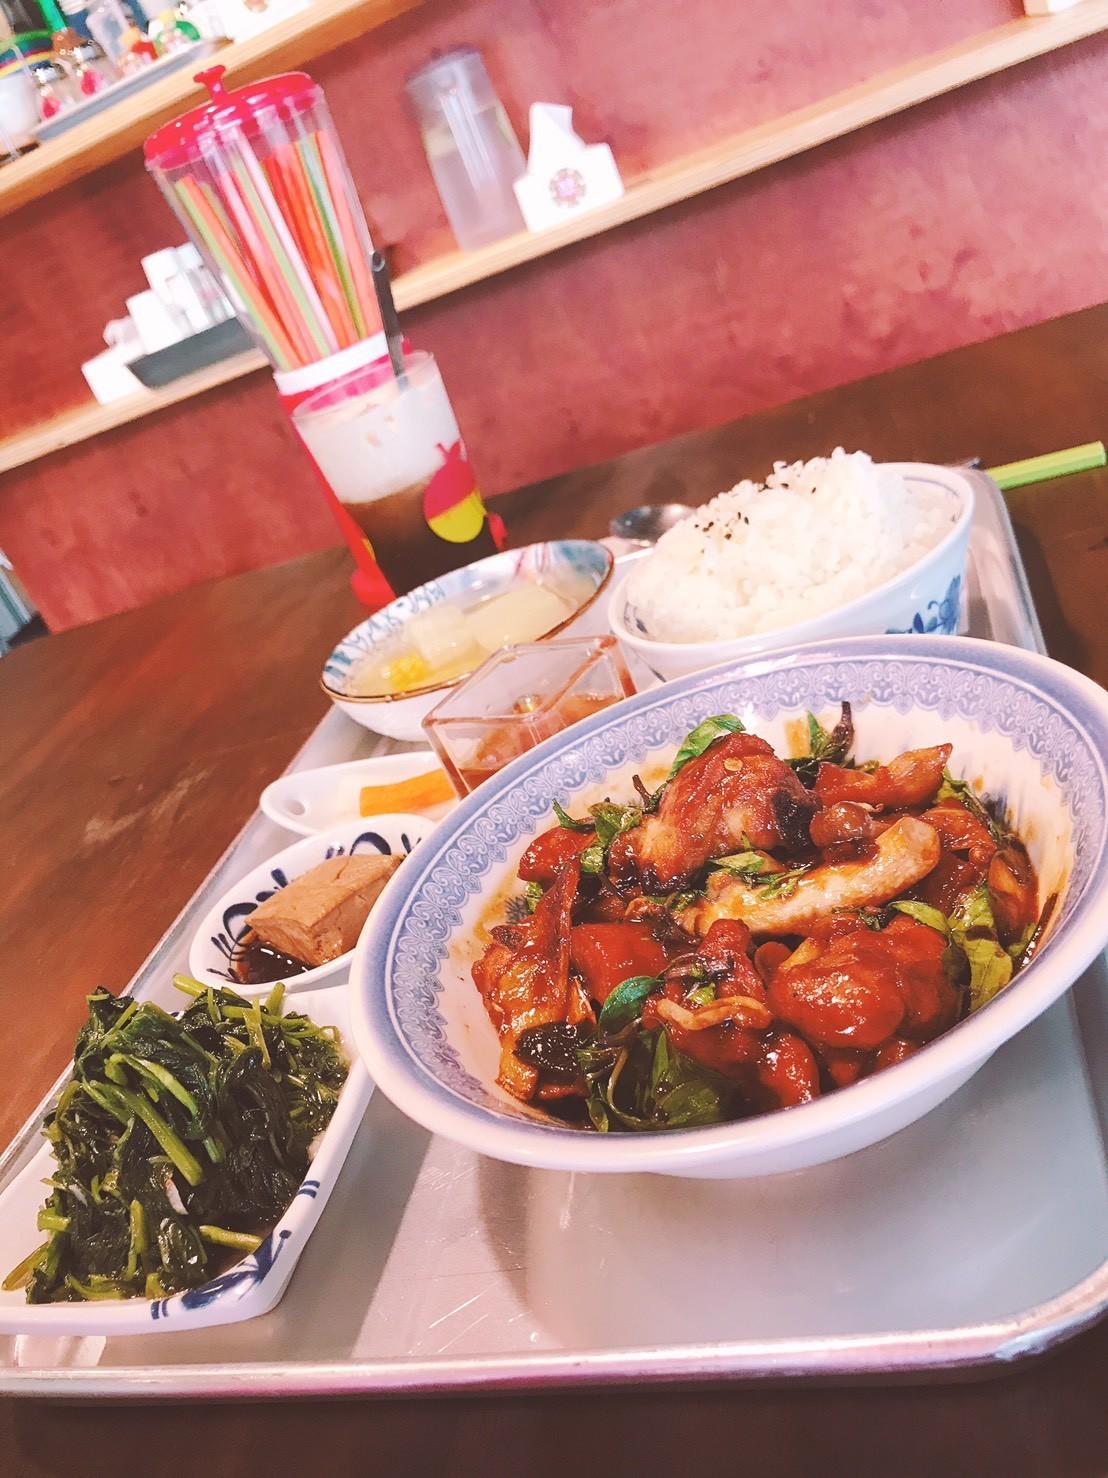 06嘉義東區復古風台式簡餐-弄來小餐桌-三杯雞飯|小福砌餐飲空間設計